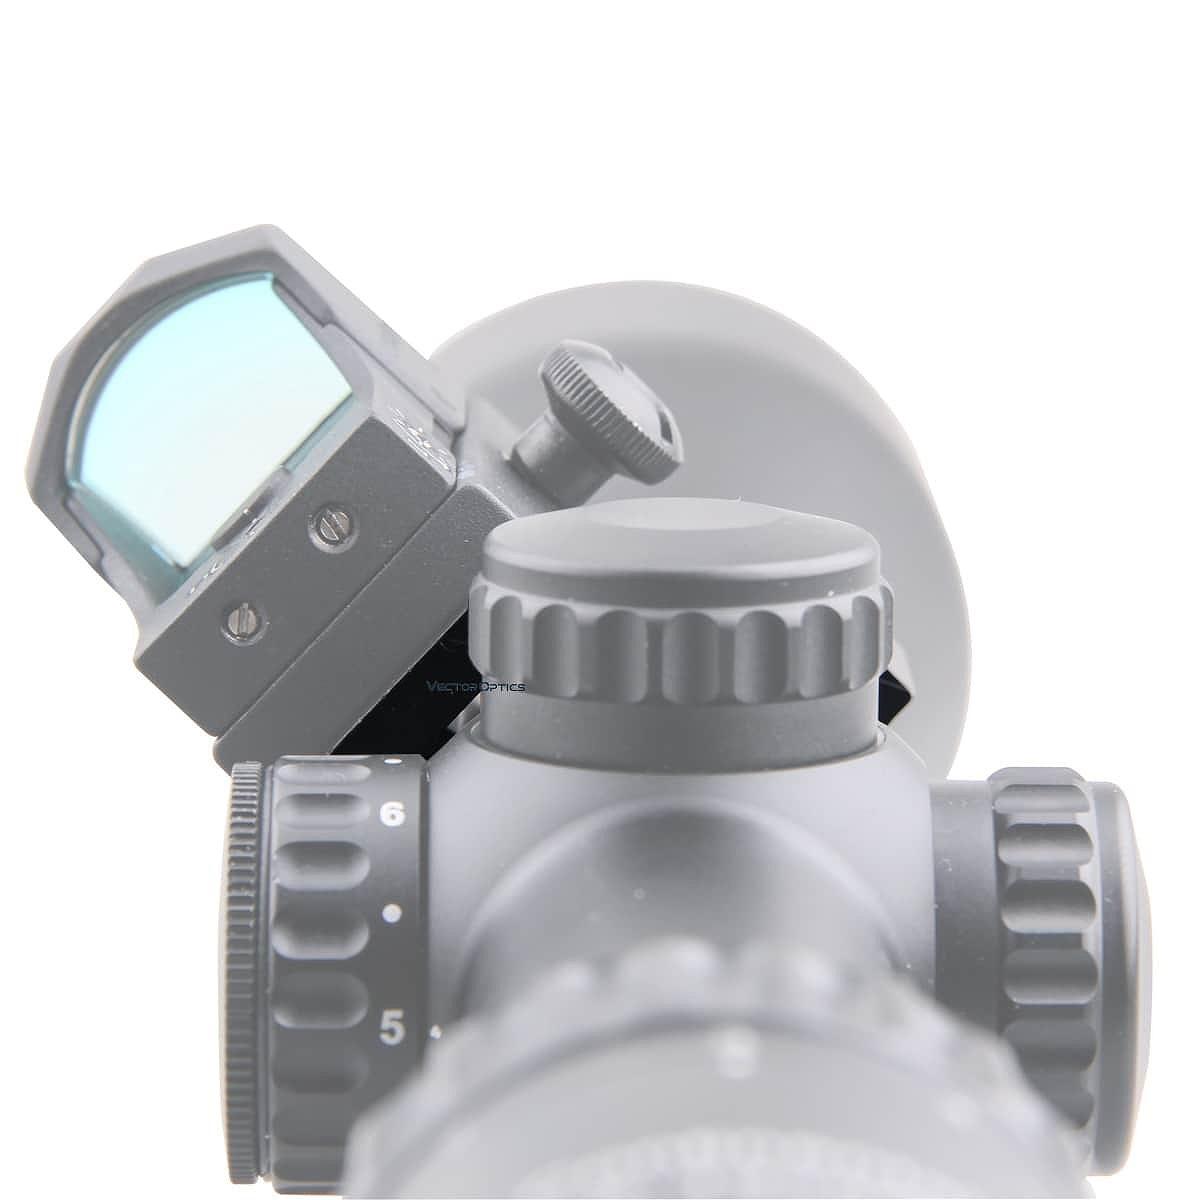 ベクターオプティクス スコープマウント 30mm Scope Tube Mount  Vector Optics SCTM-21